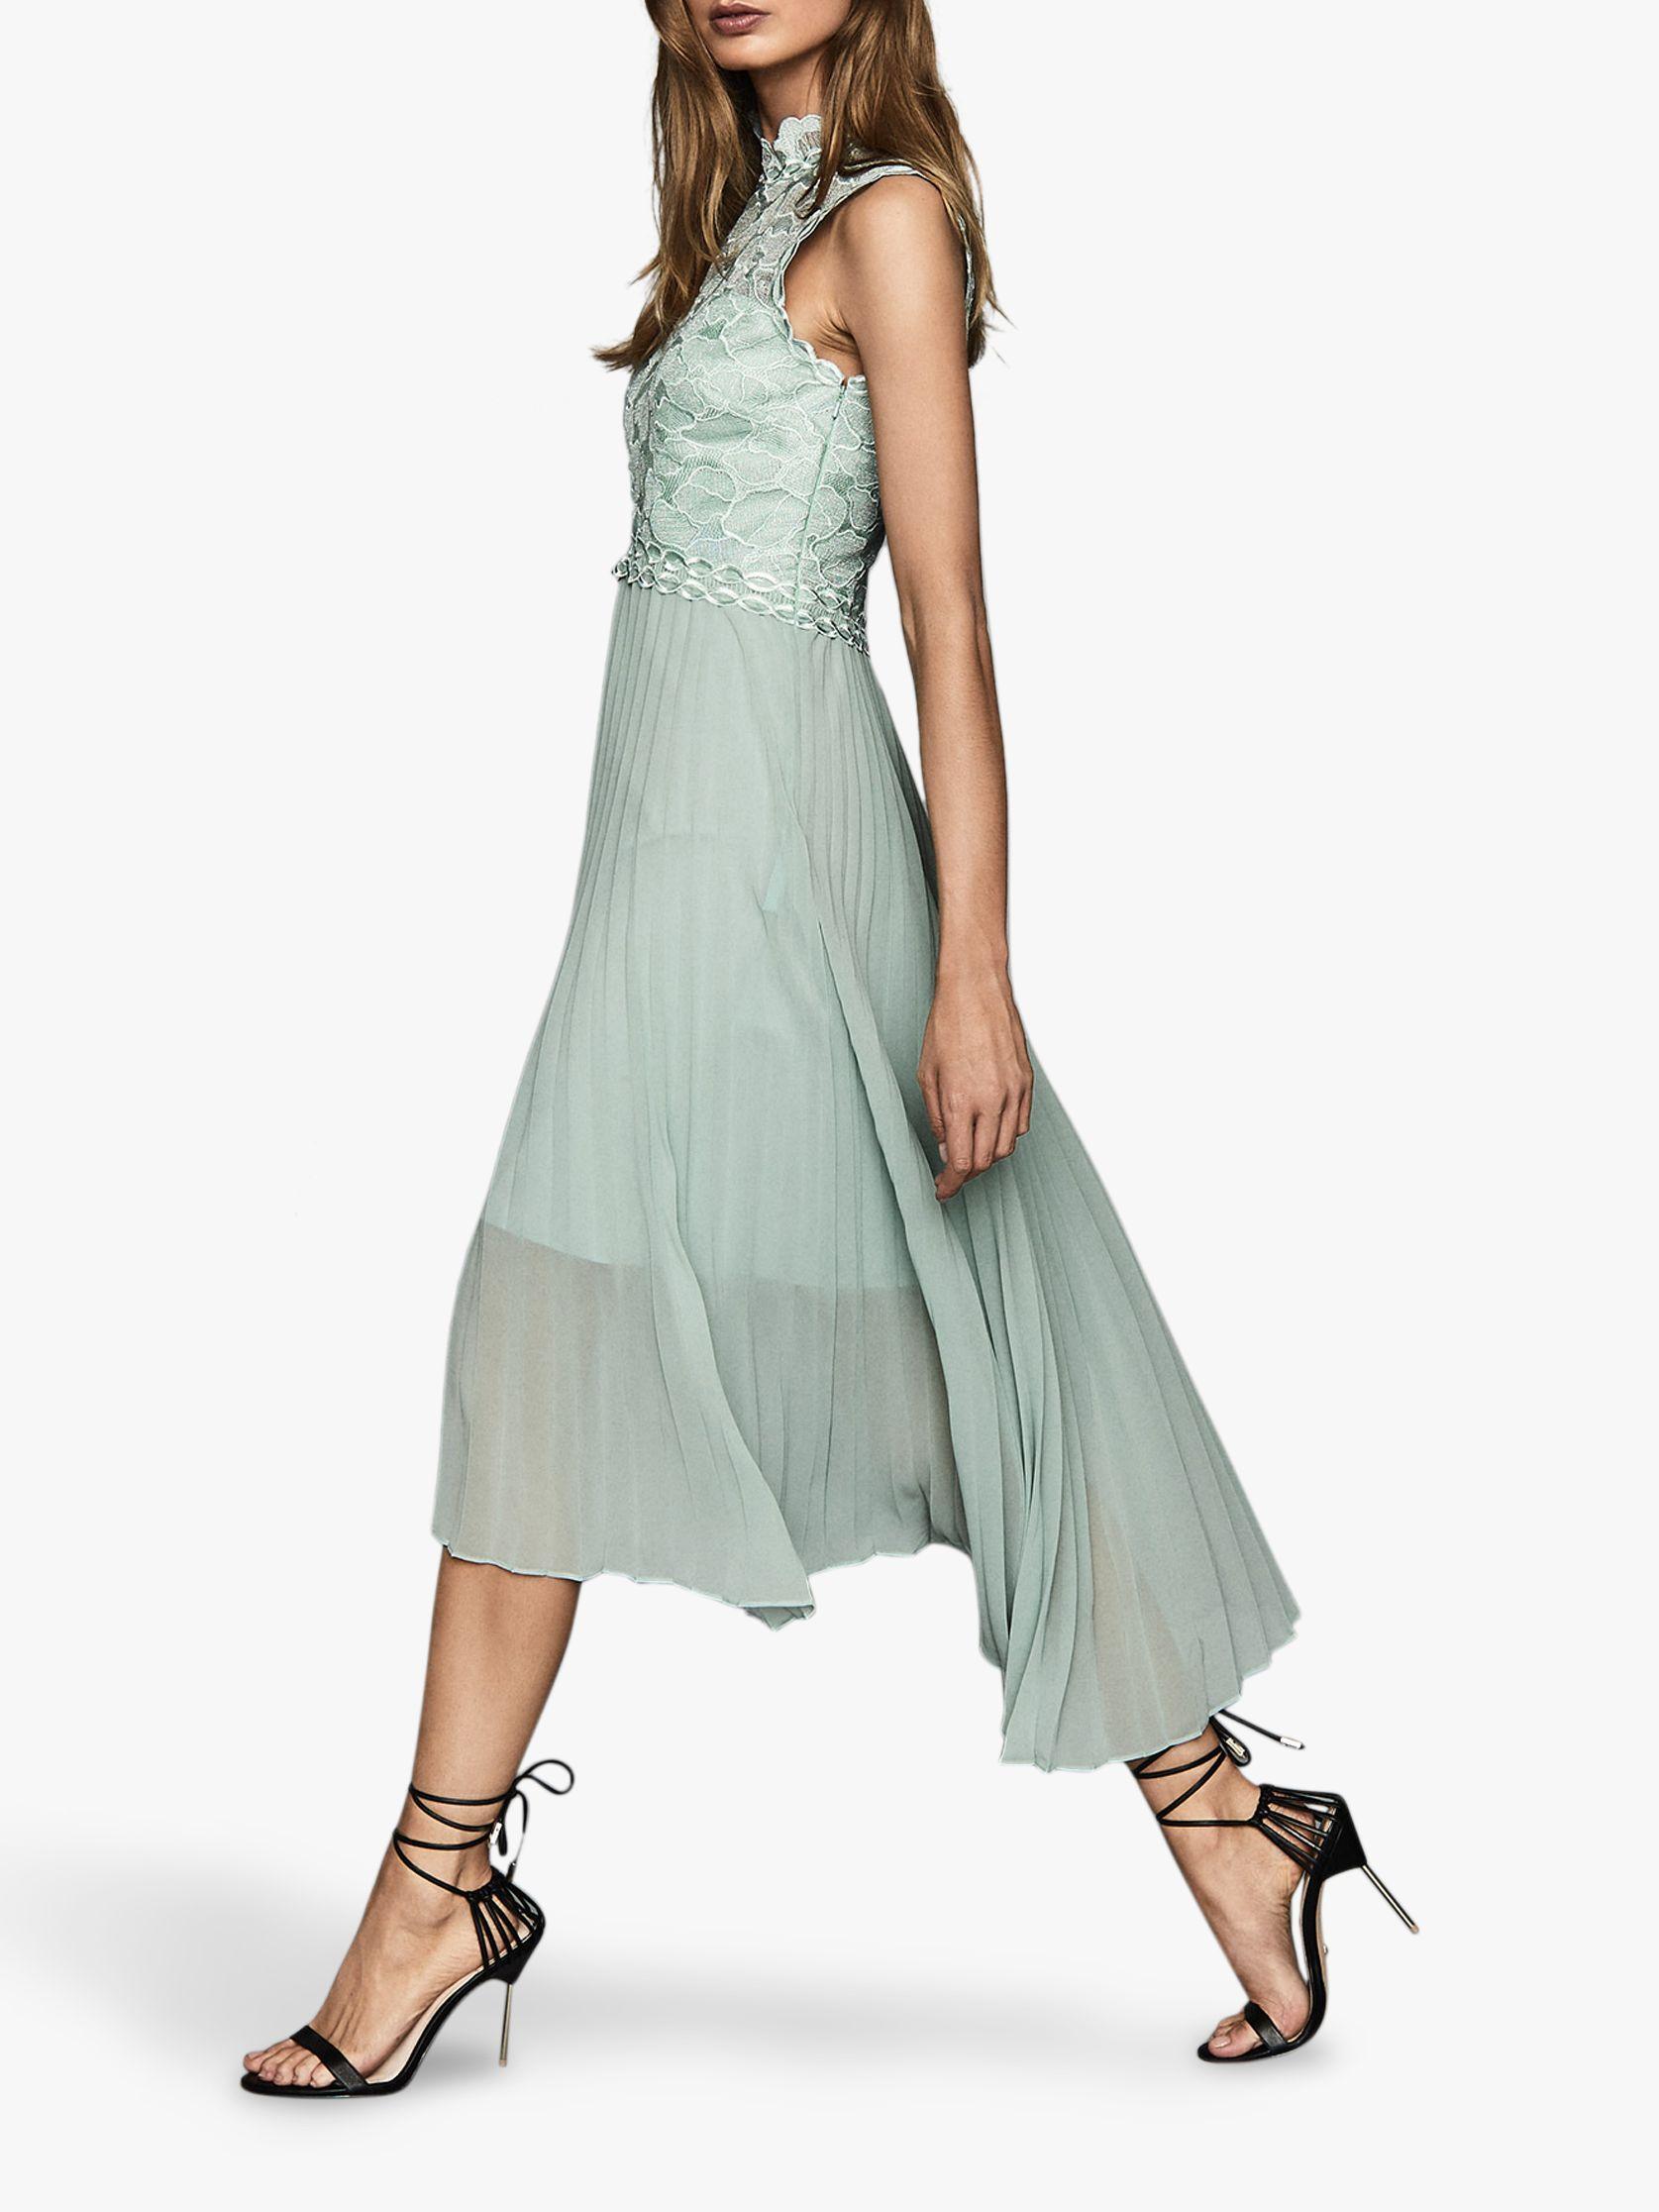 Reiss Aideen Lace Pleated Midi Dress, Sage Green #sagegreendress